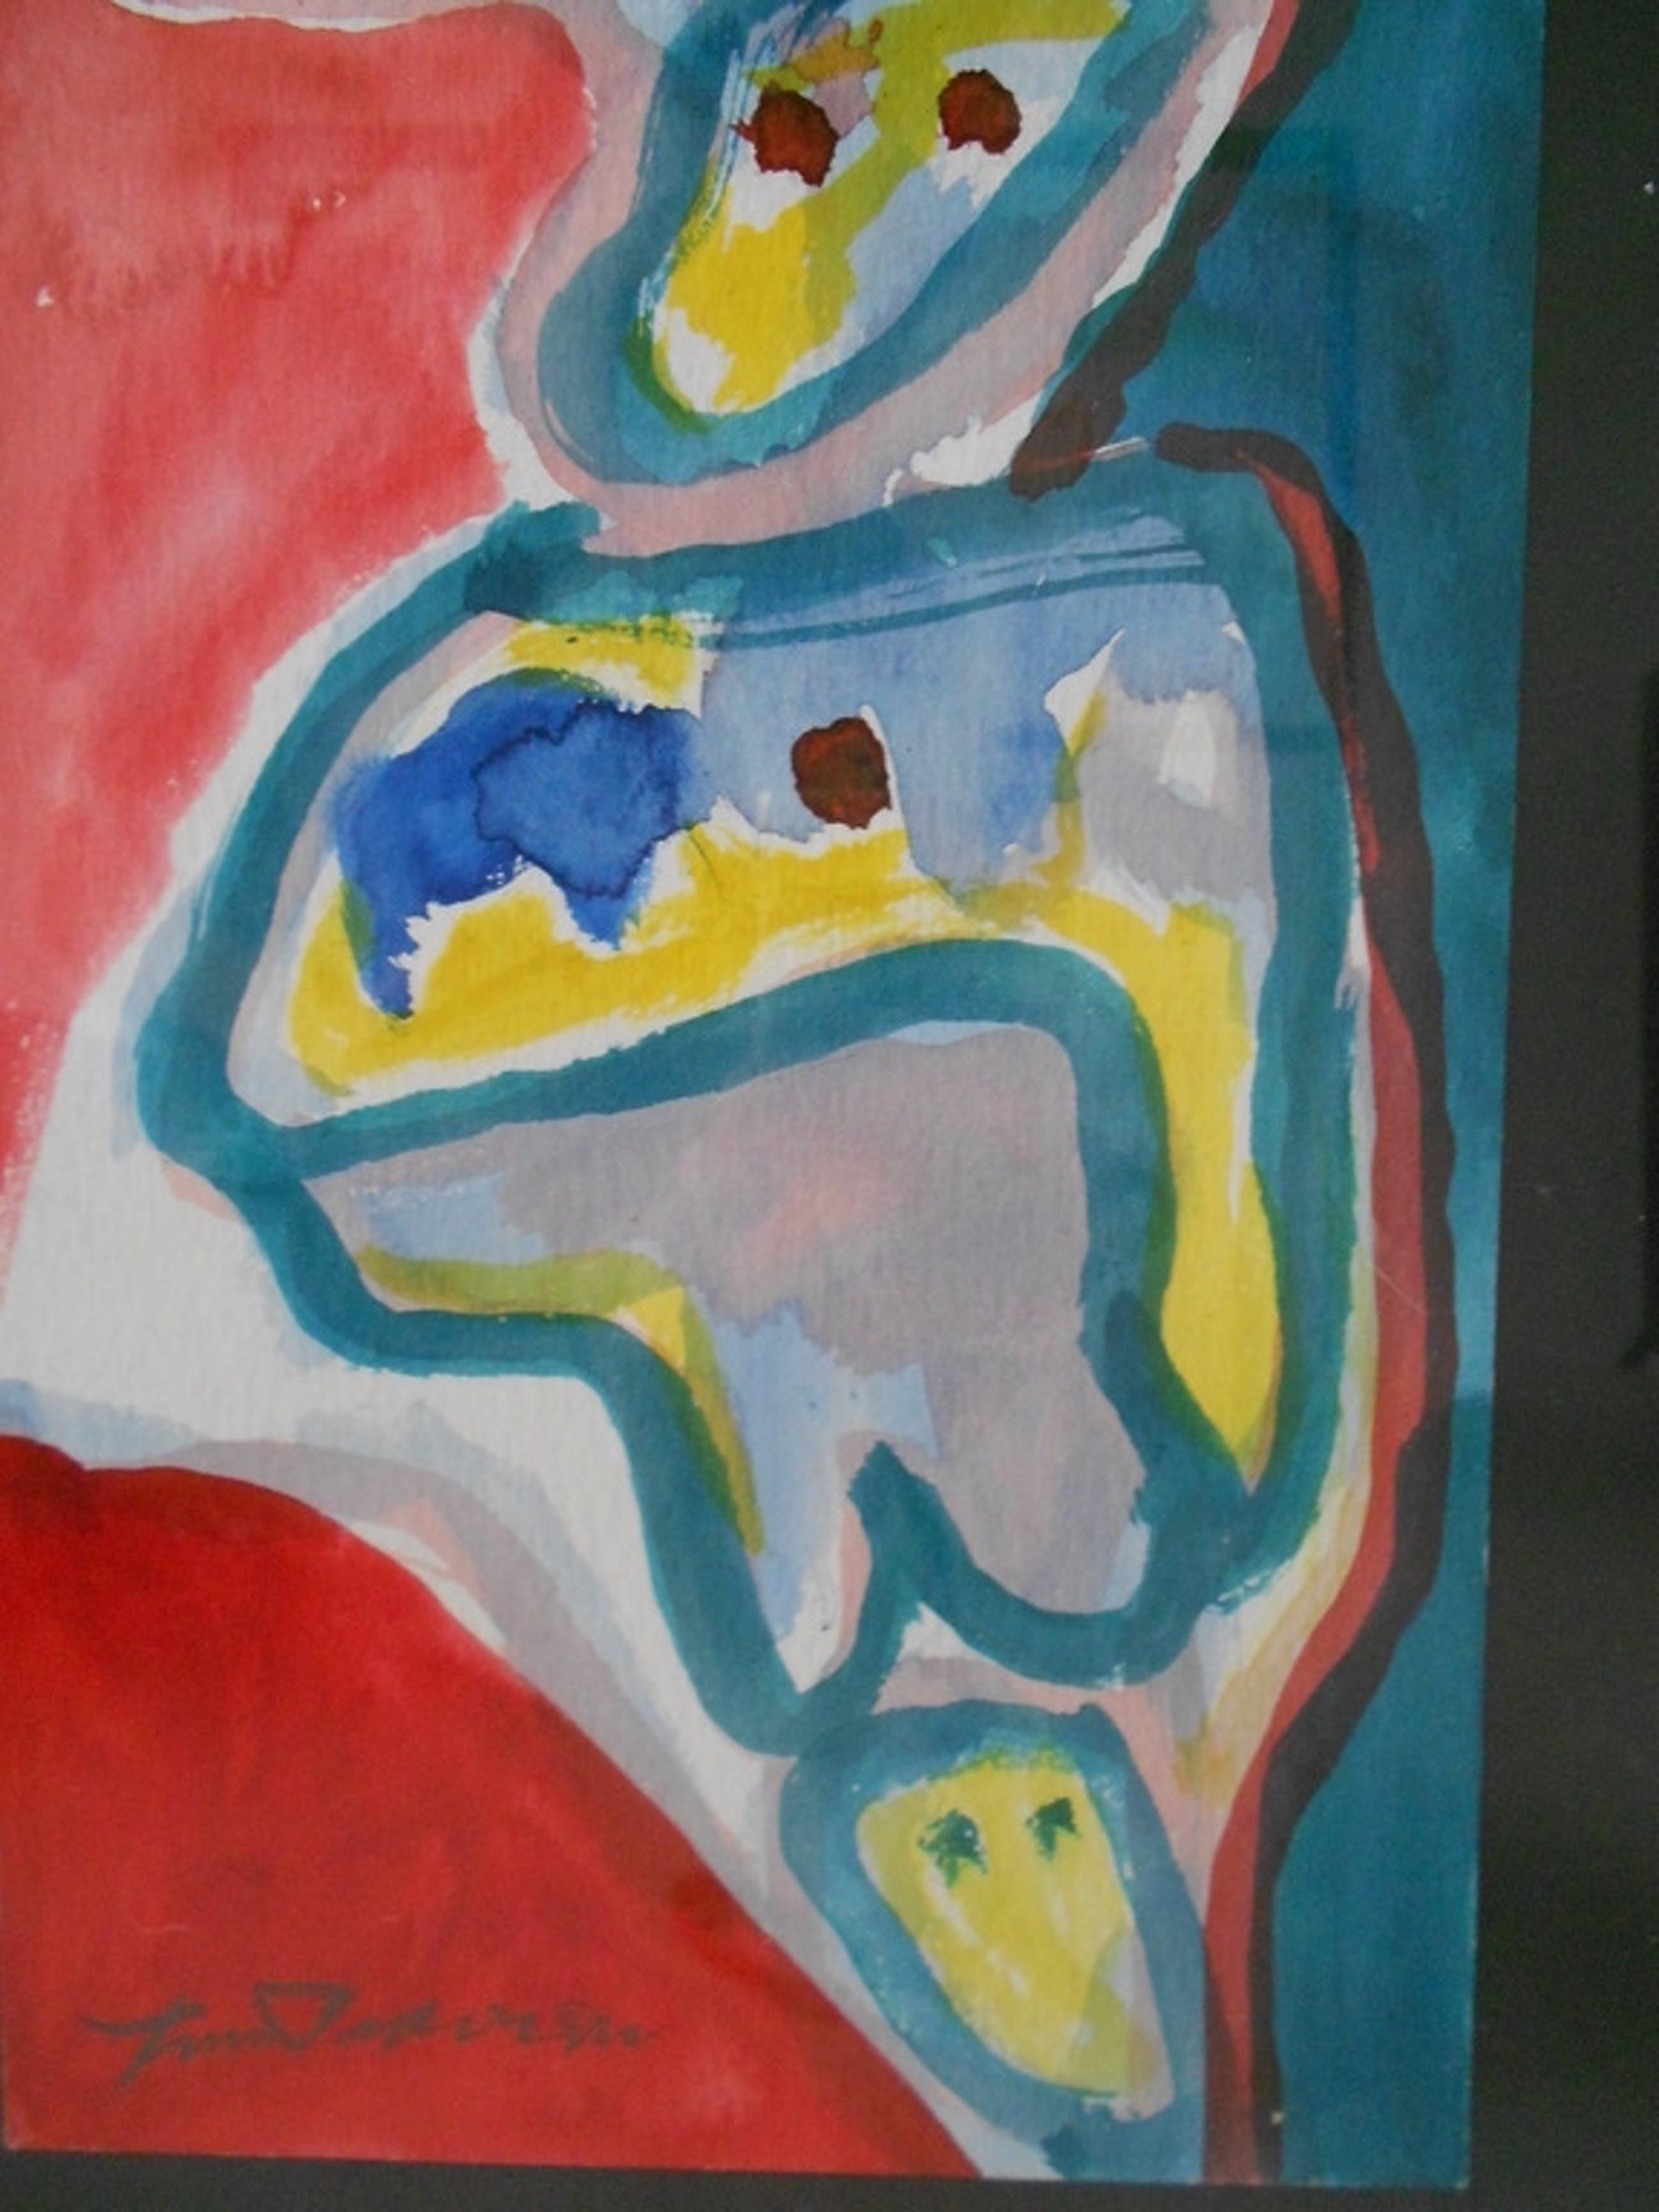 Finn Pedersen originele aquarel, handgesigneerd kopen? Bied vanaf 150!